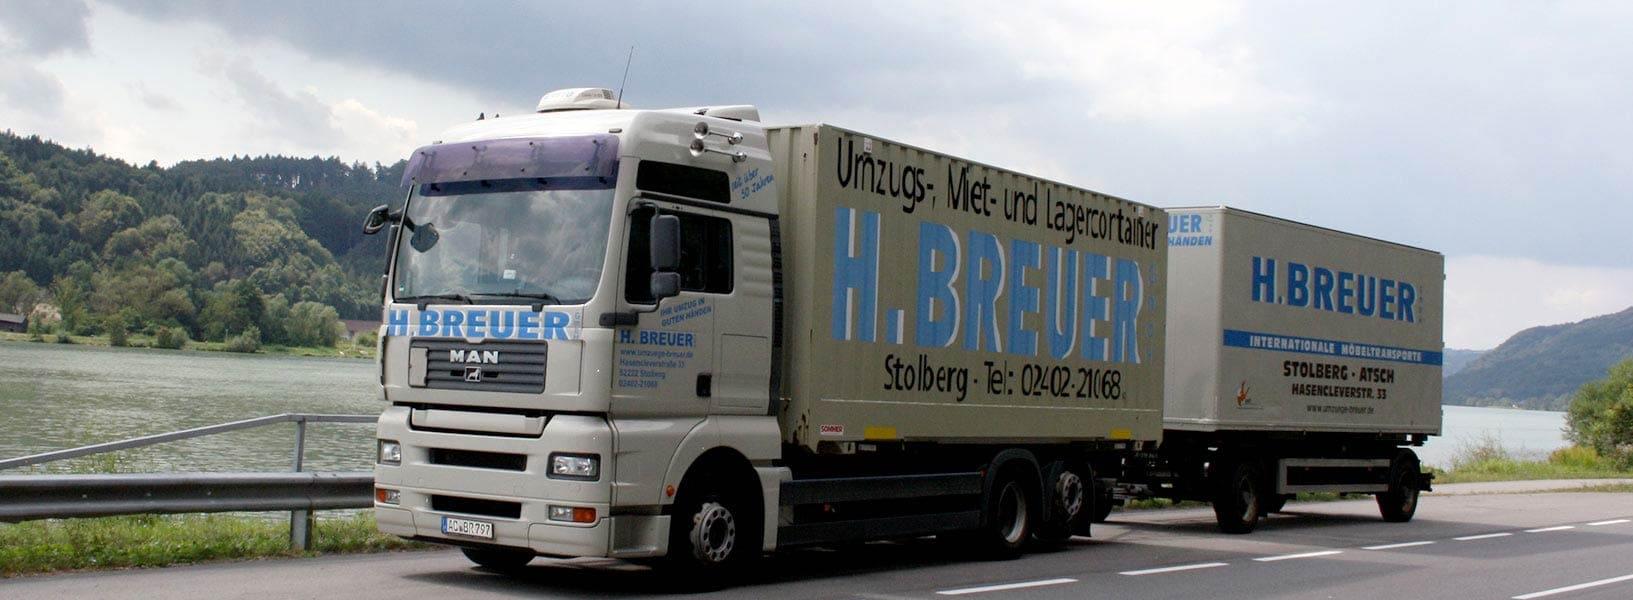 Spedition möbel kosten  Umzug mit der Helmut Breuer GmbH – Umzüge und Lagerungen Breuer GmbH